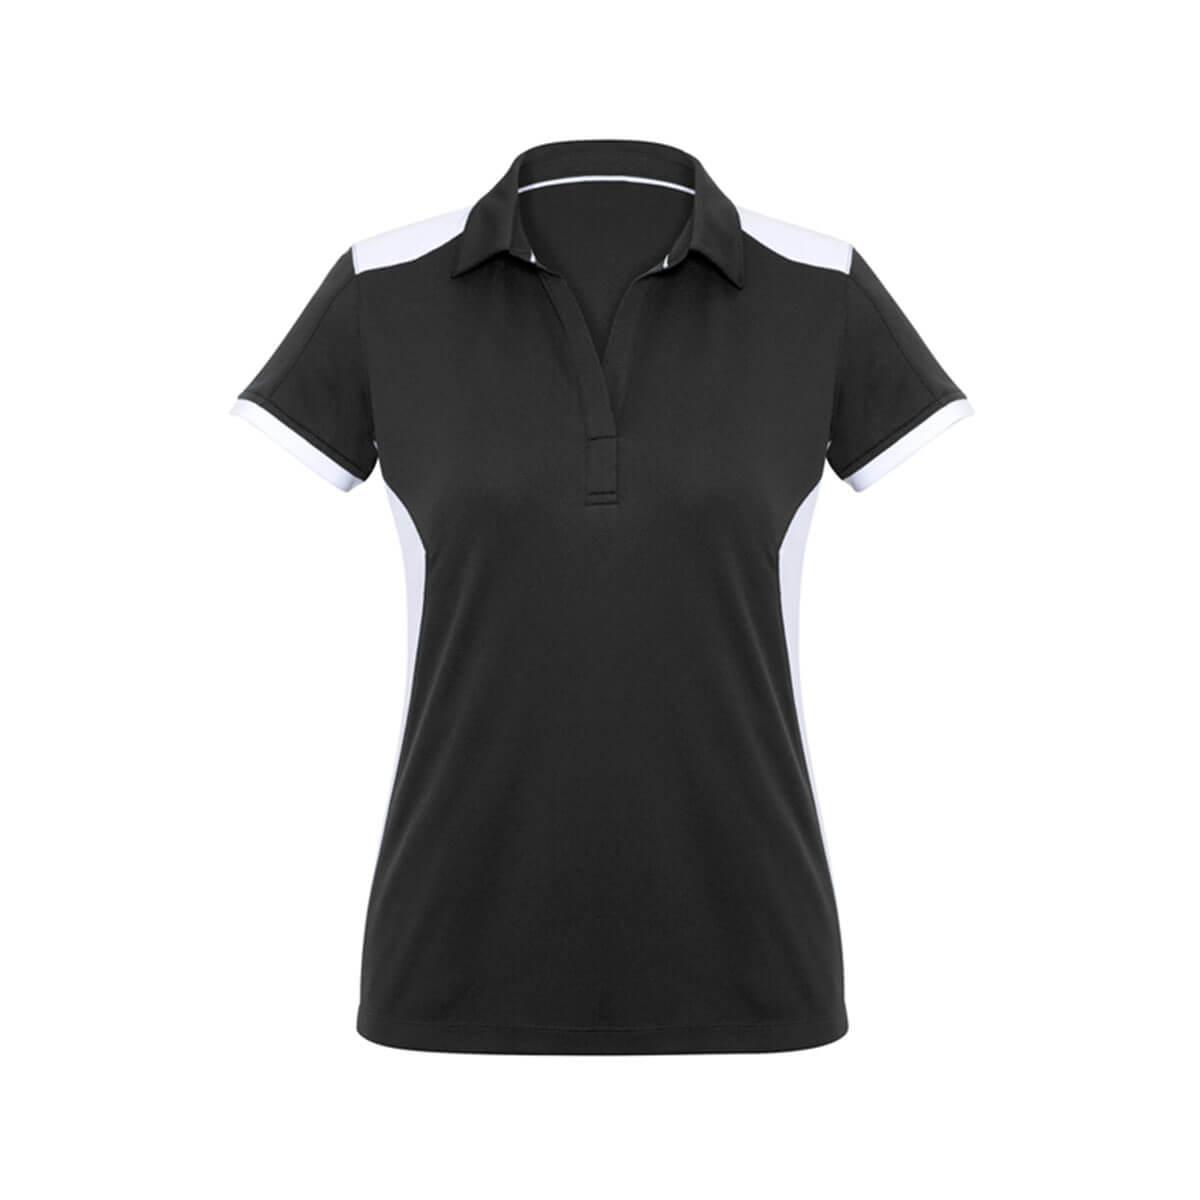 Ladies Rival Polo-Black / White